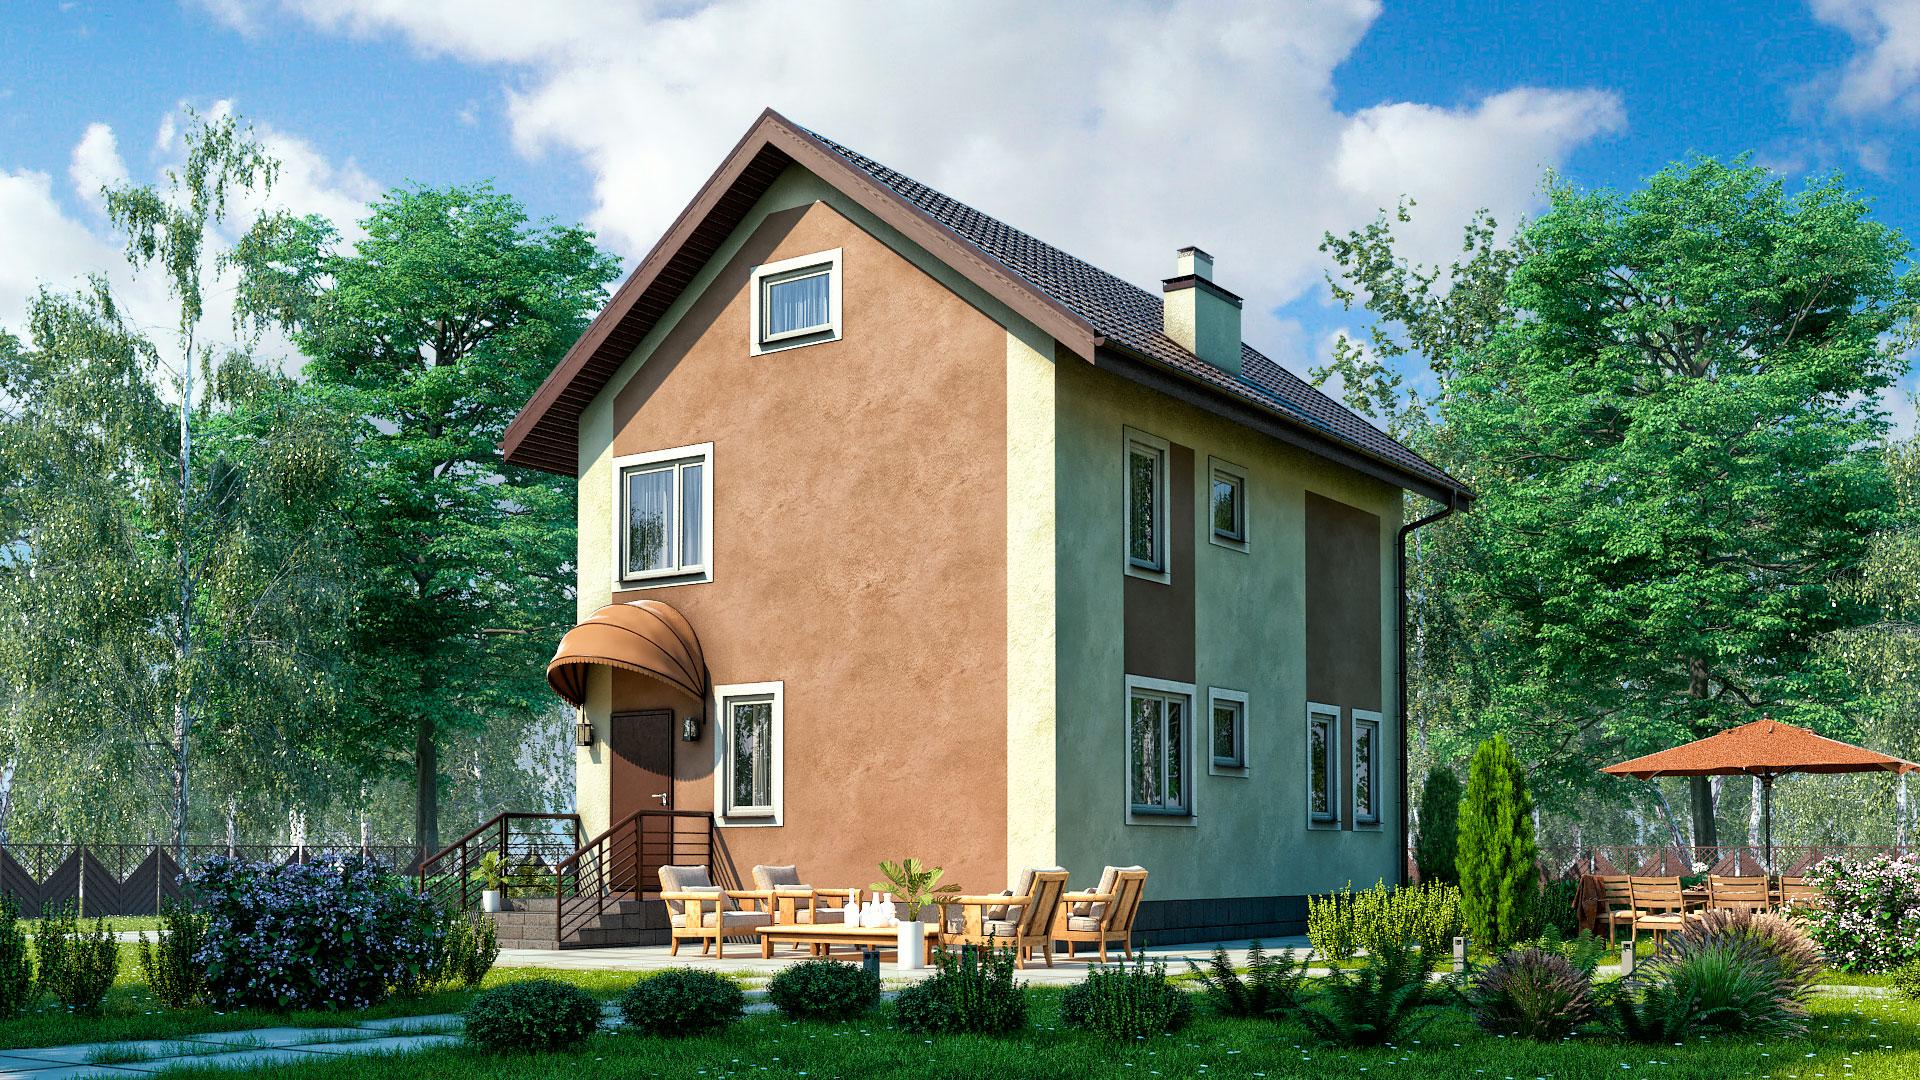 Передний фасад дома 6х9 двухэтажного, 105 м2. Проект БП-107/1.